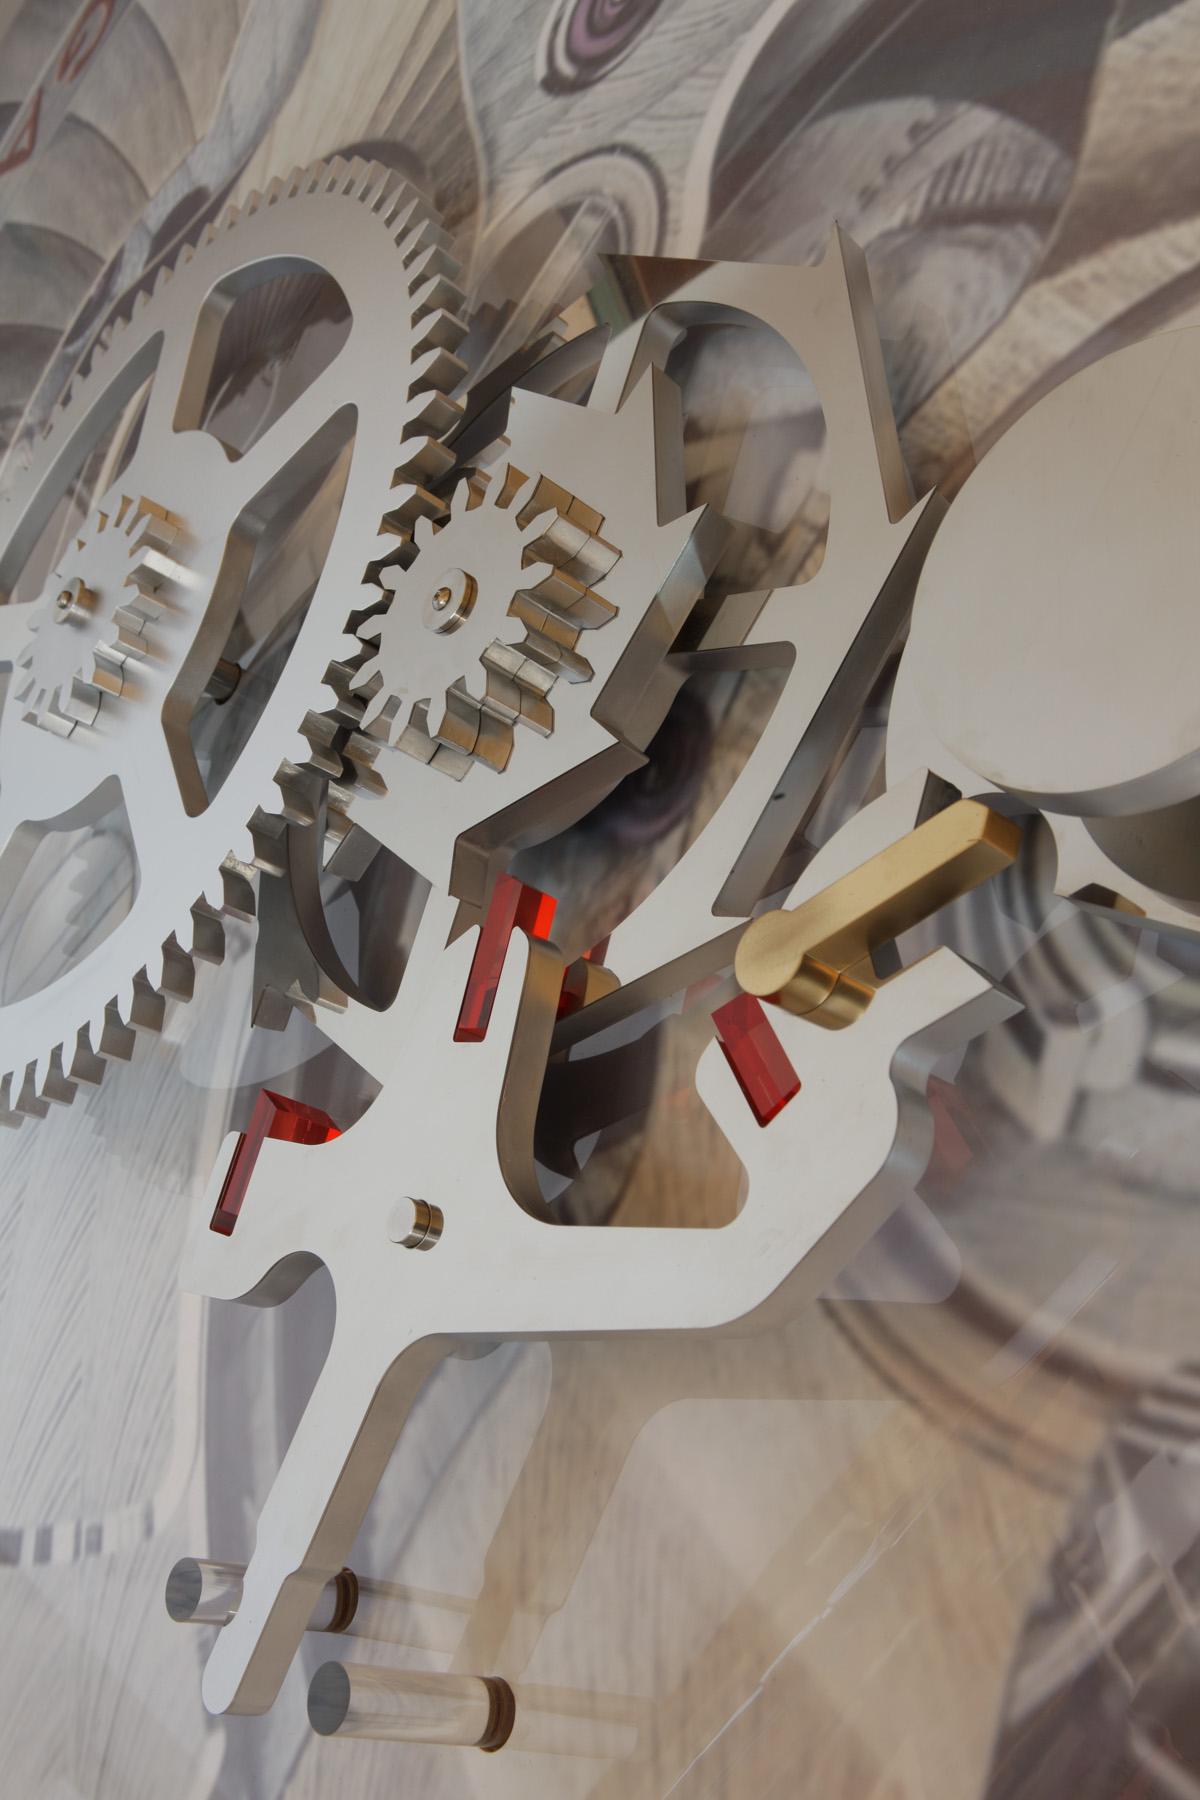 オメガ・コーアクシャル脱進機の巨大模型が大丸 福岡天神店に登場_f0039351_19424172.jpg